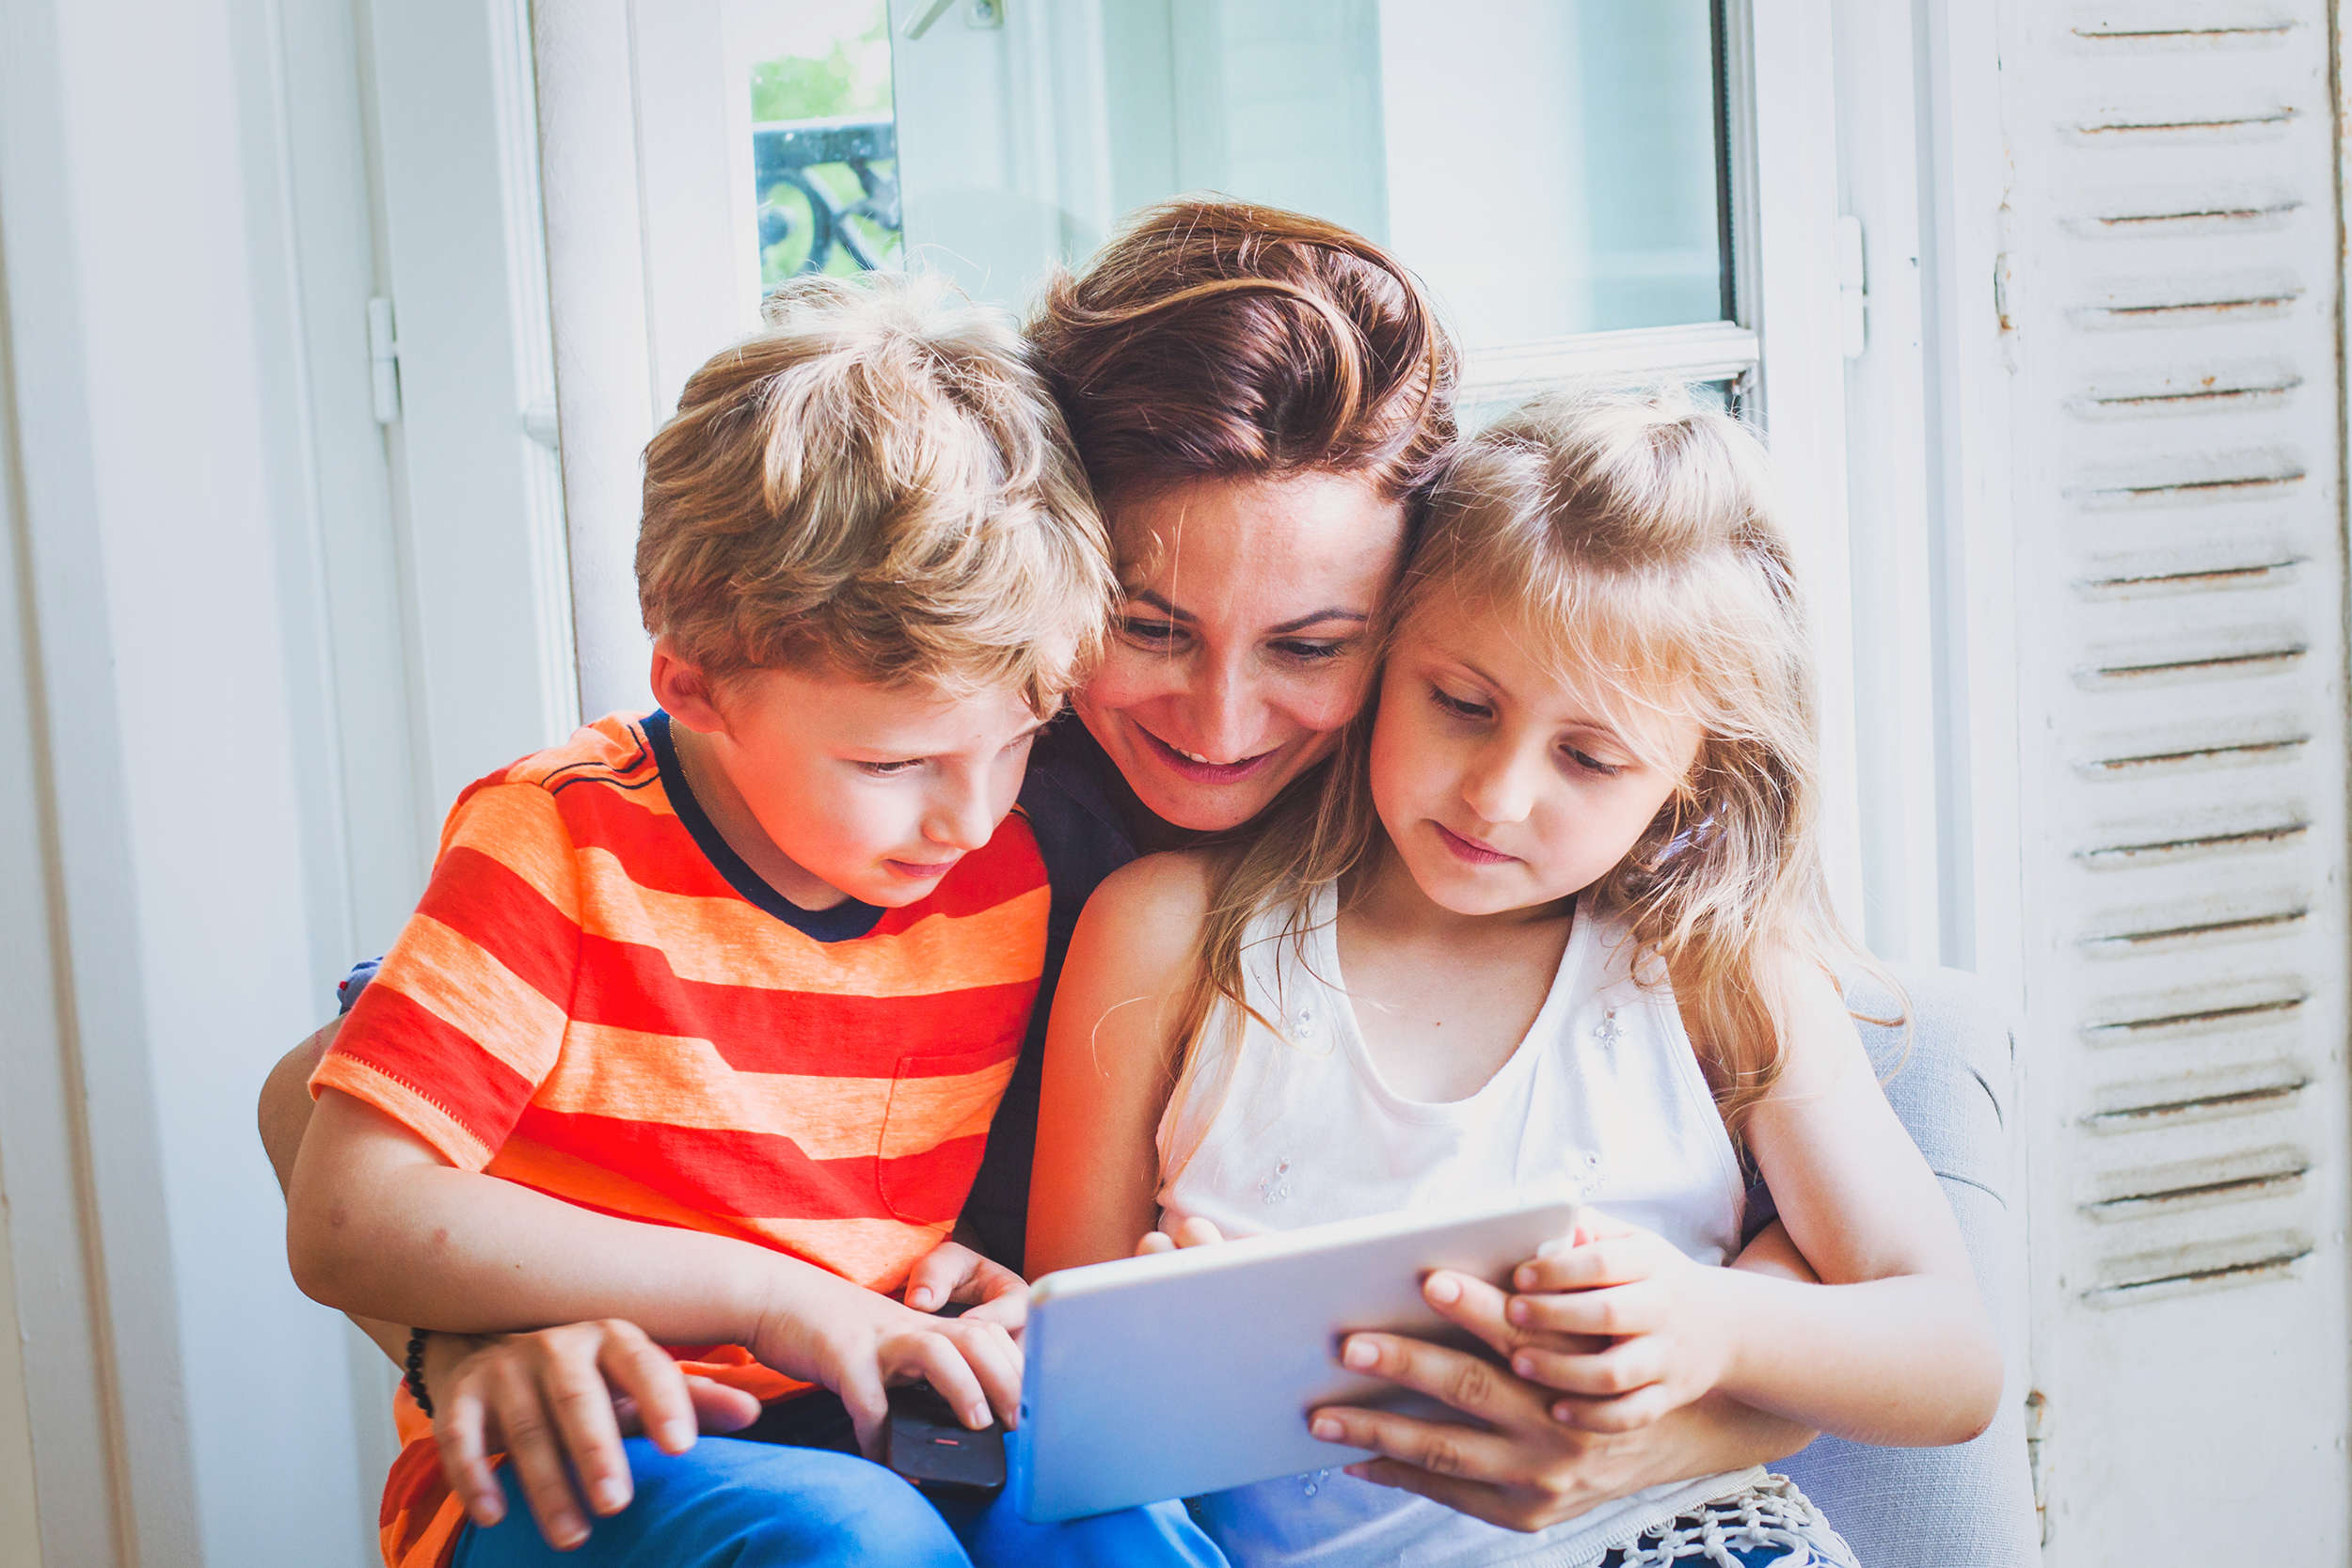 FTH001_Mother_2_children_tablet